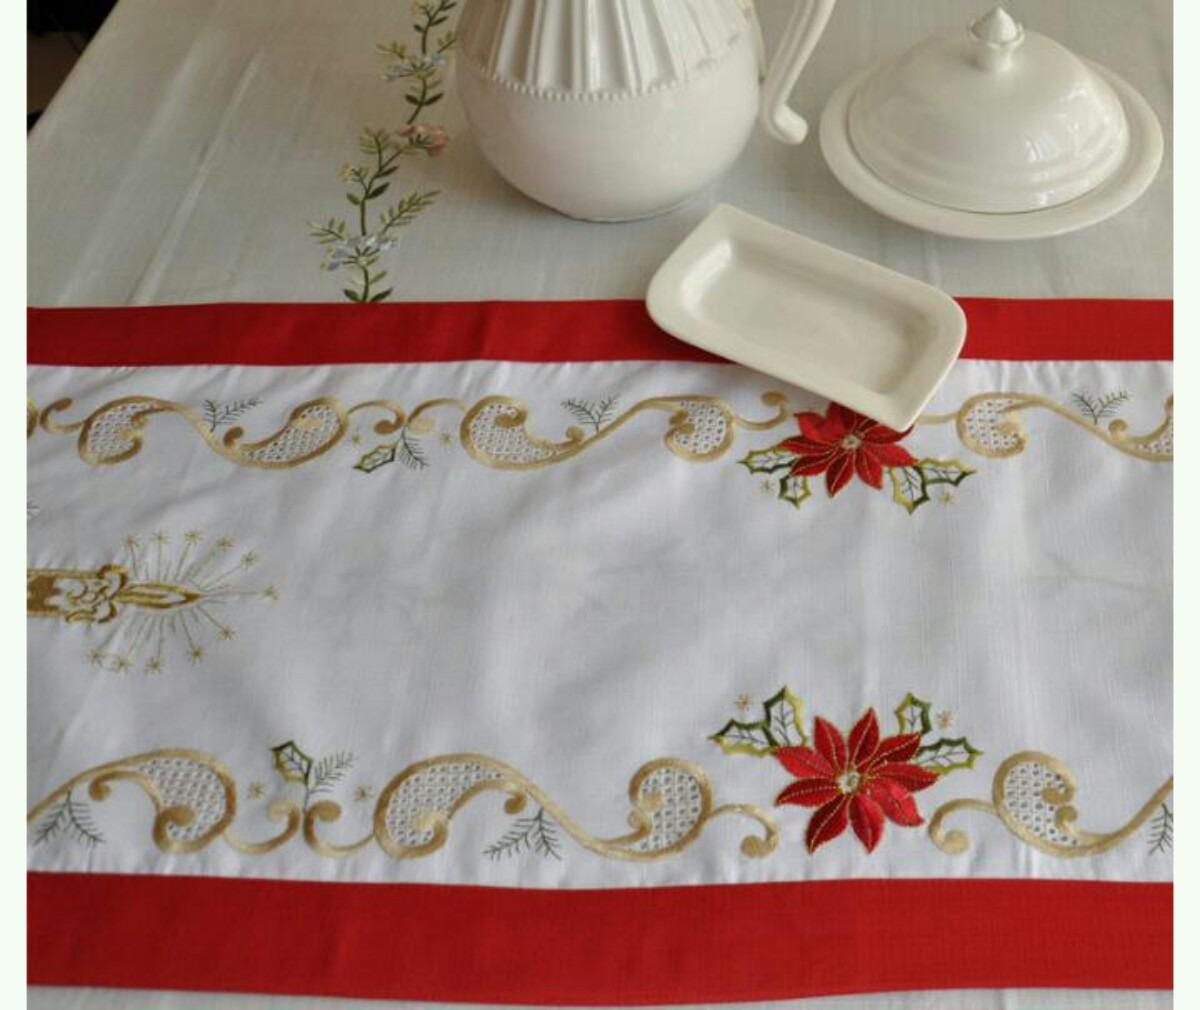 Camino tapete centro de mesa navide o s 75 00 en for Muebles usados arequipa